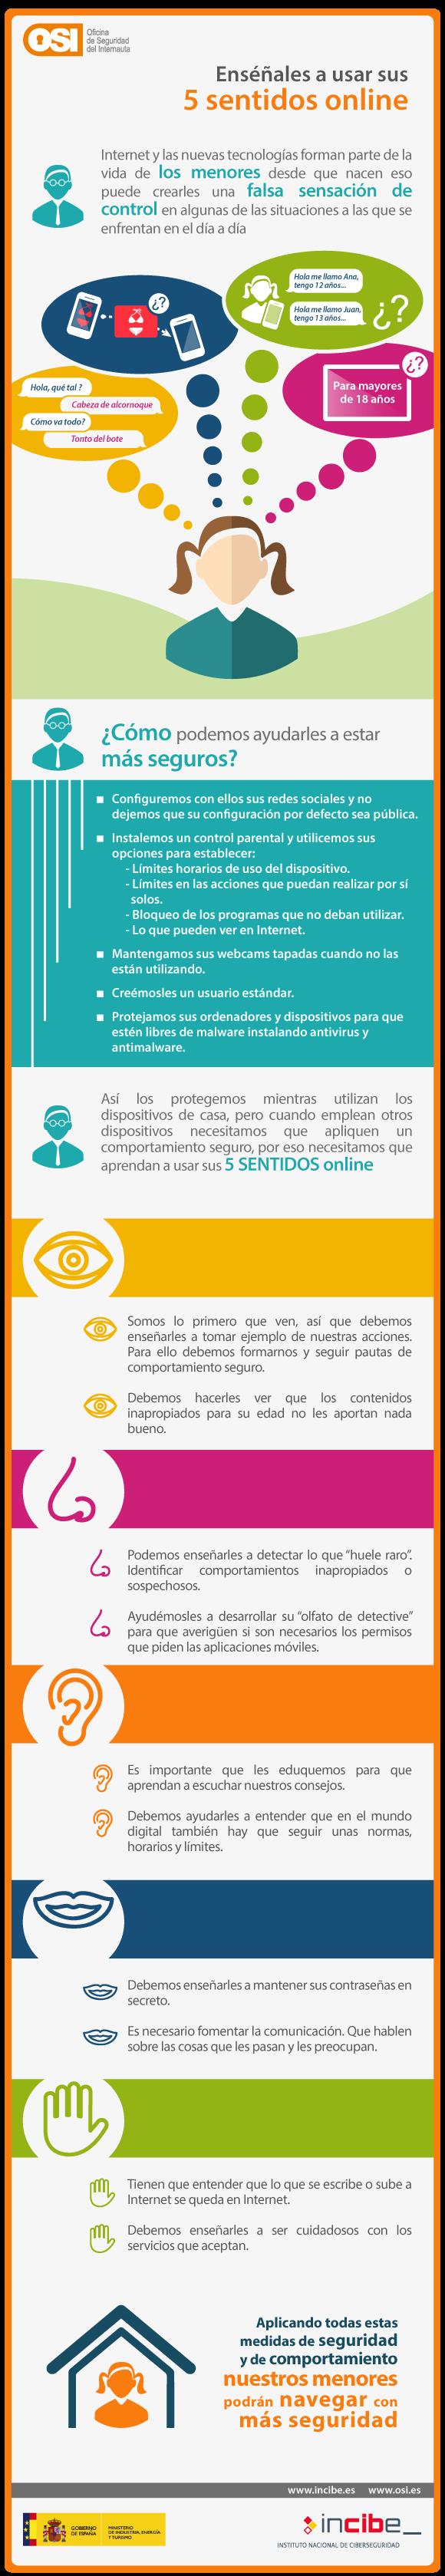 Ayuda a los menores a usar sus 5 sentidos online